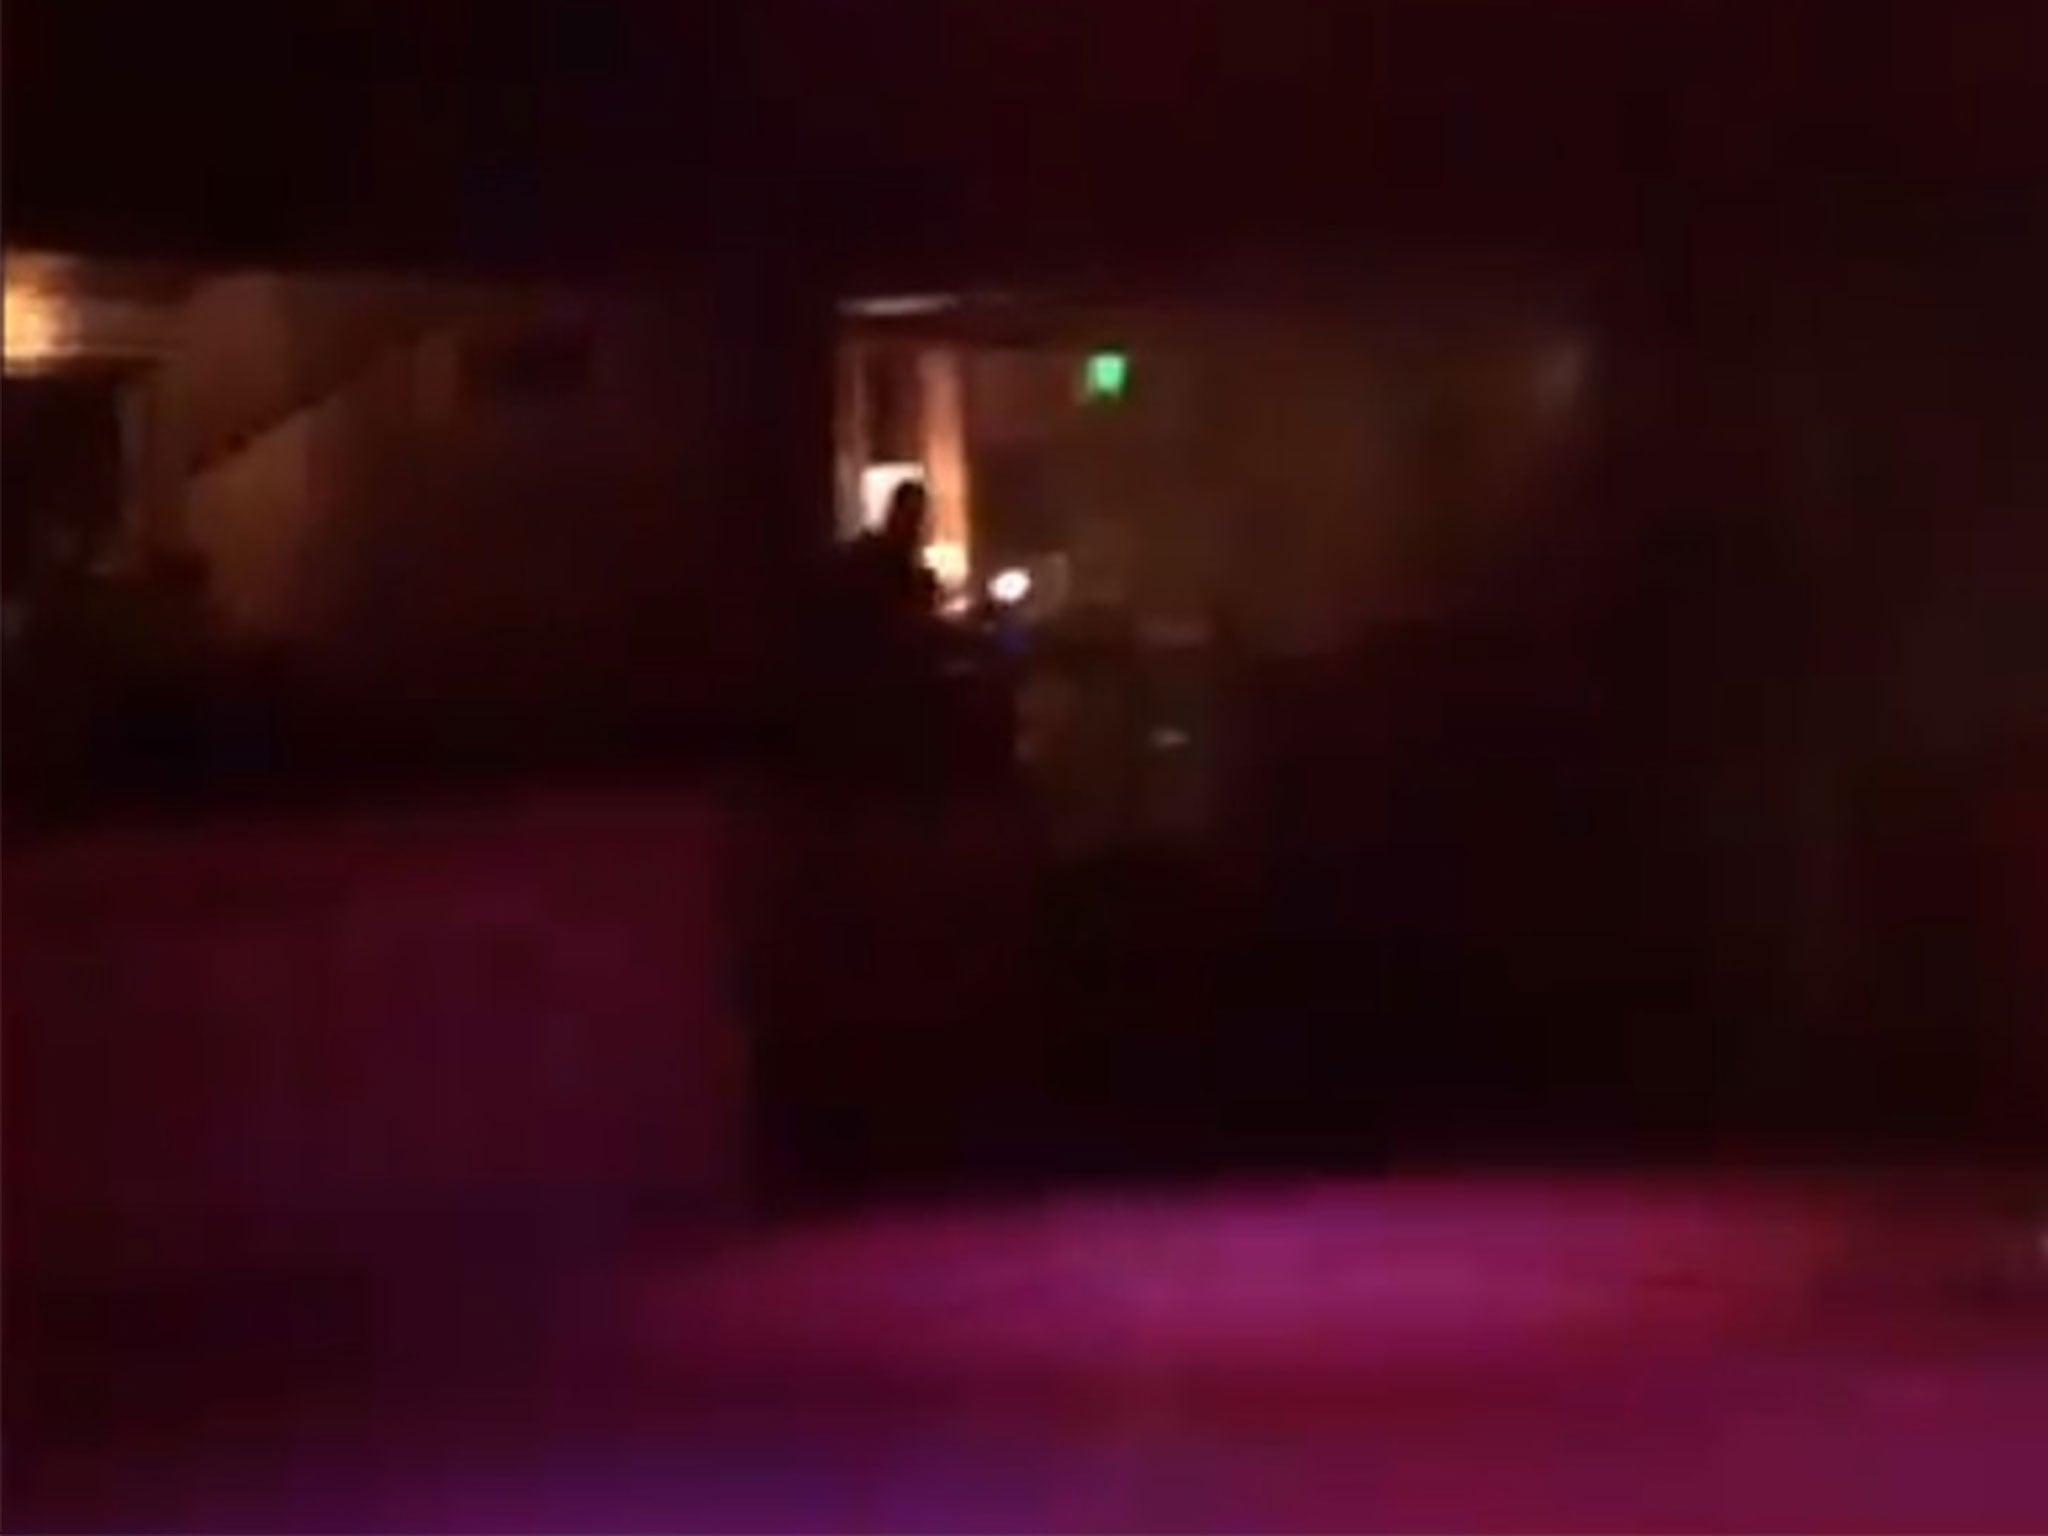 Guys, run, he's coming out this door': Survivor's video